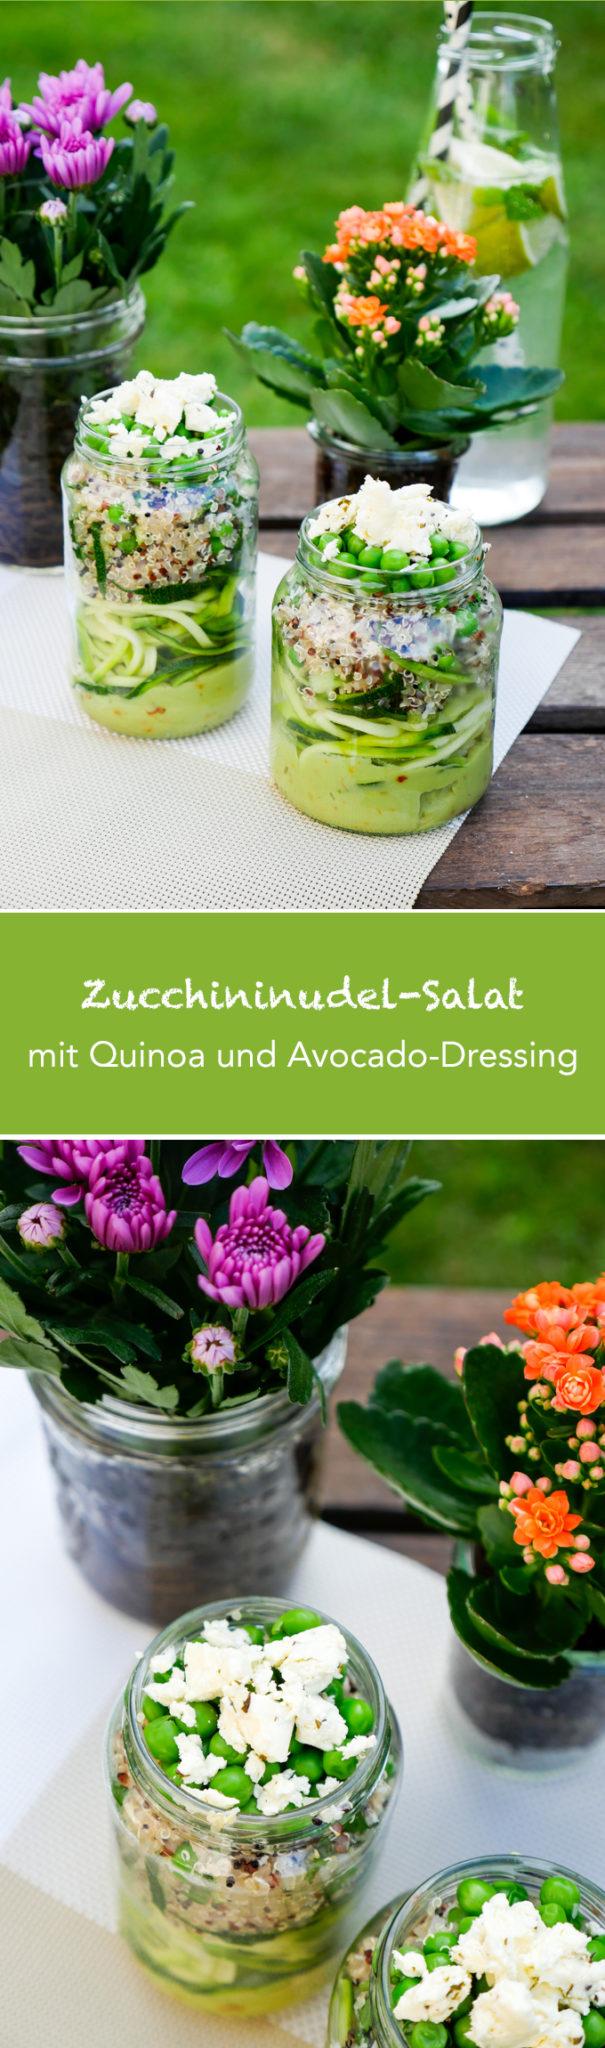 Zucchininudel-Salat mit Quinoa und Avocadodressing